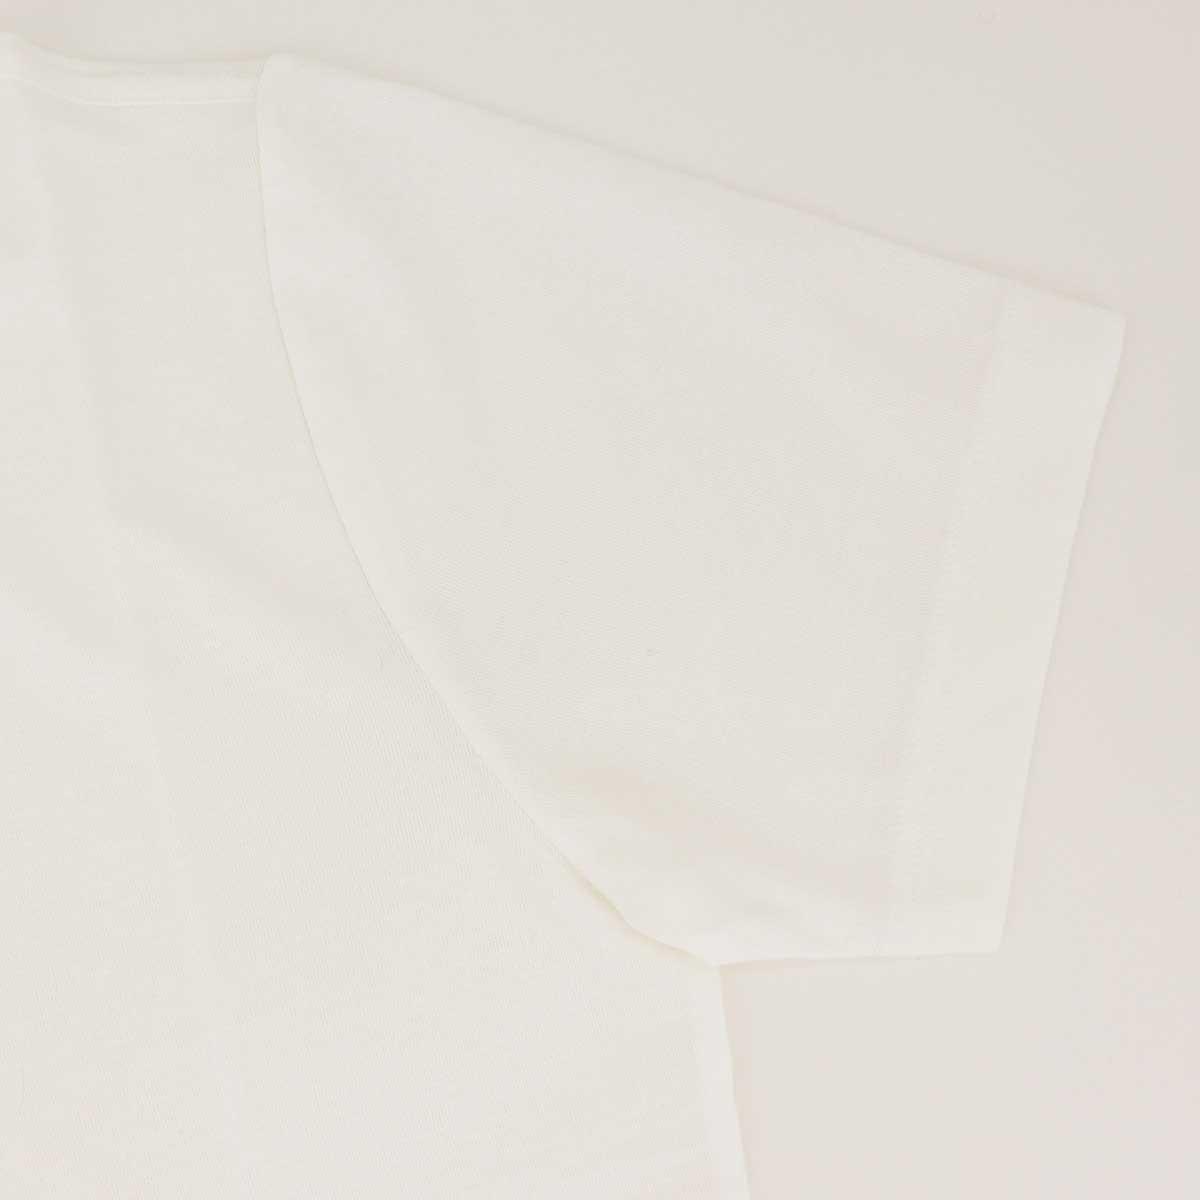 【クリアランスセール】ザノーネ ZANONE メンズ アイスコットン ポロシャツ POLO MC 811818 Z0380 Z0001(ホワイト)【返品交換不可】